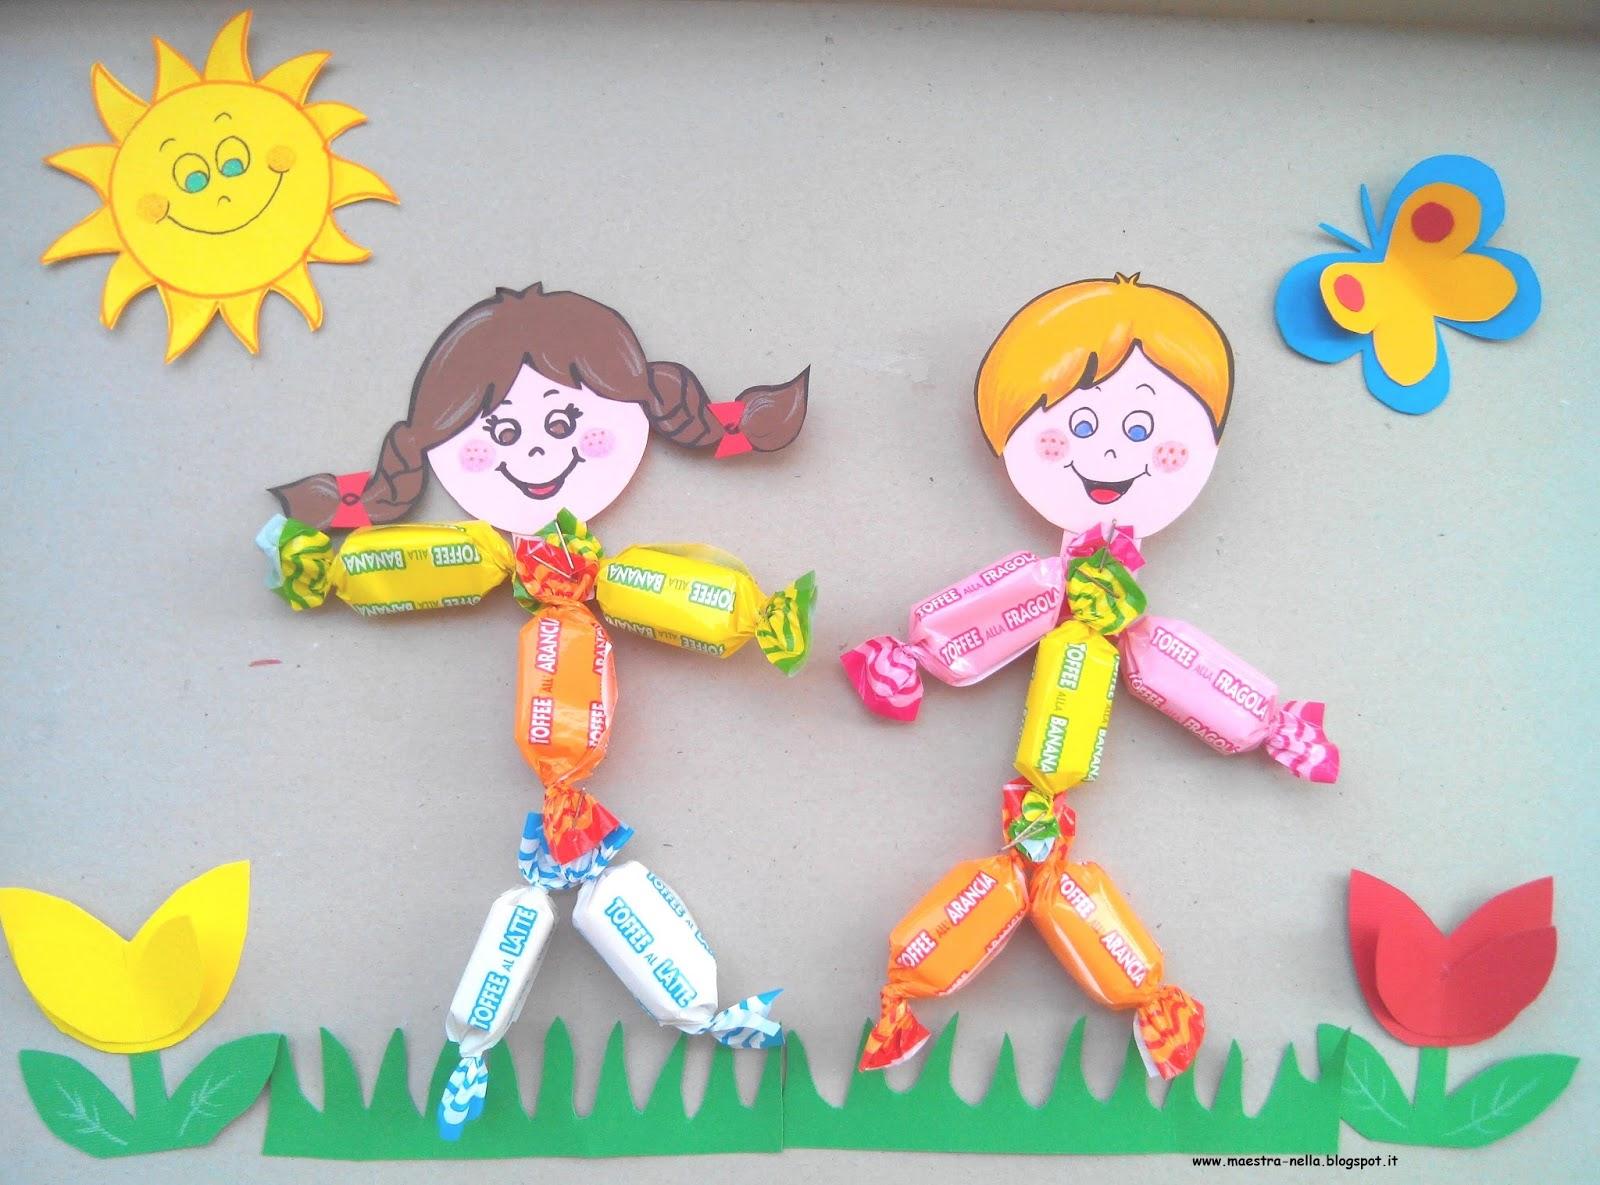 Maestra nella dolci bambini for Idee per cartelloni scuola infanzia